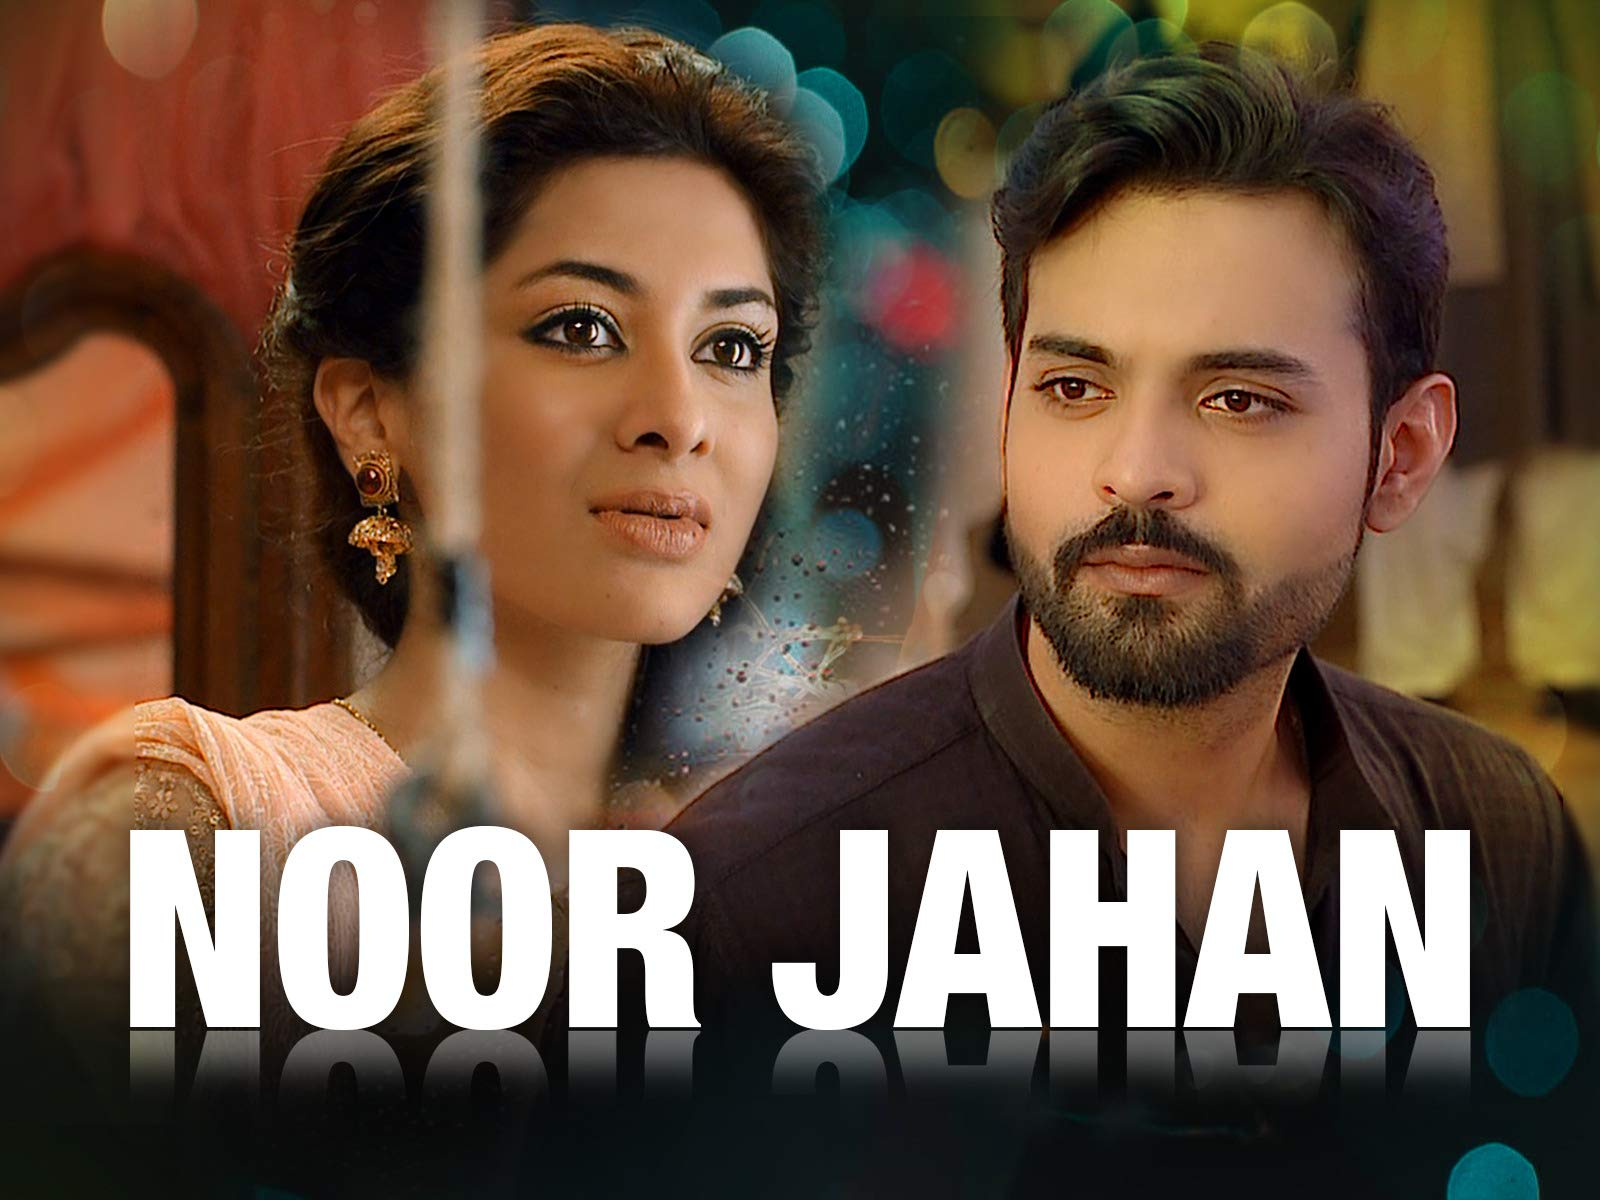 Noor Jahan